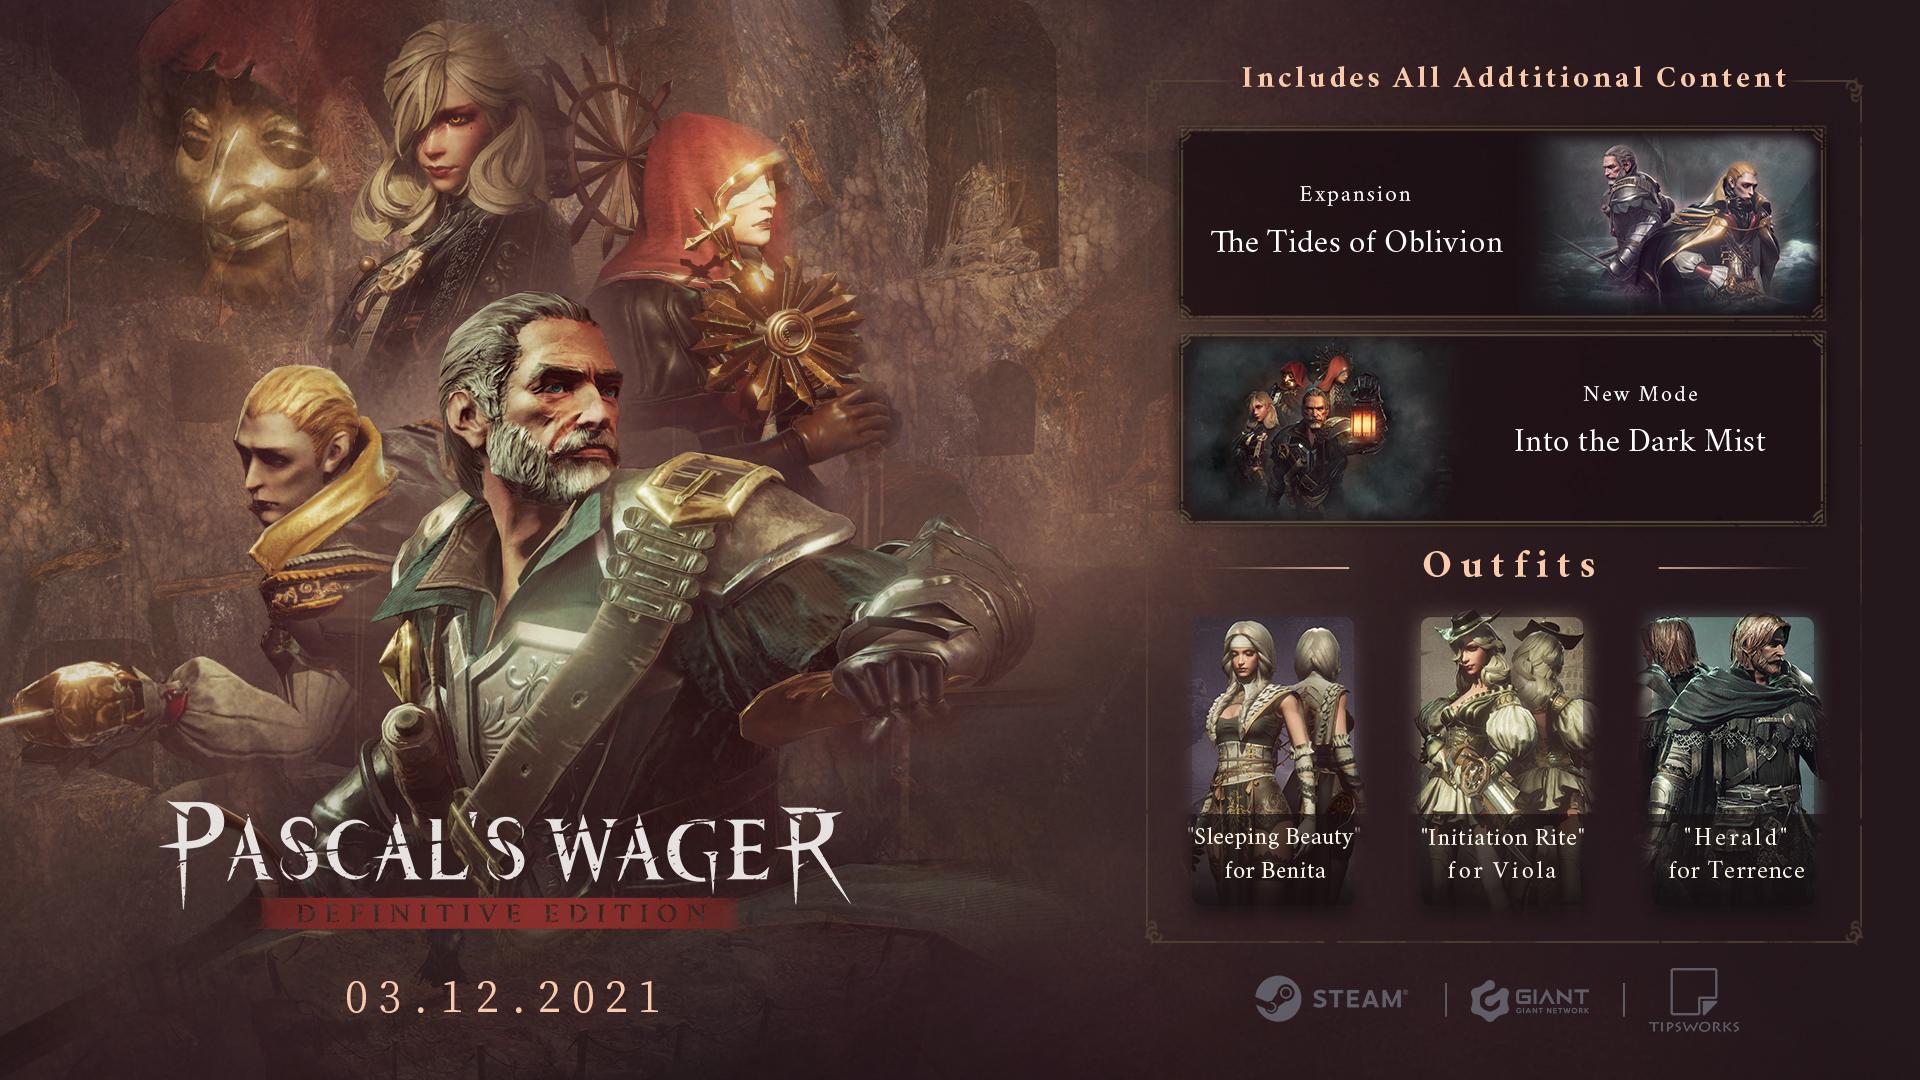 a0416a393016f875168627d0ee64577c334dabff | RPG Jeuxvidéo